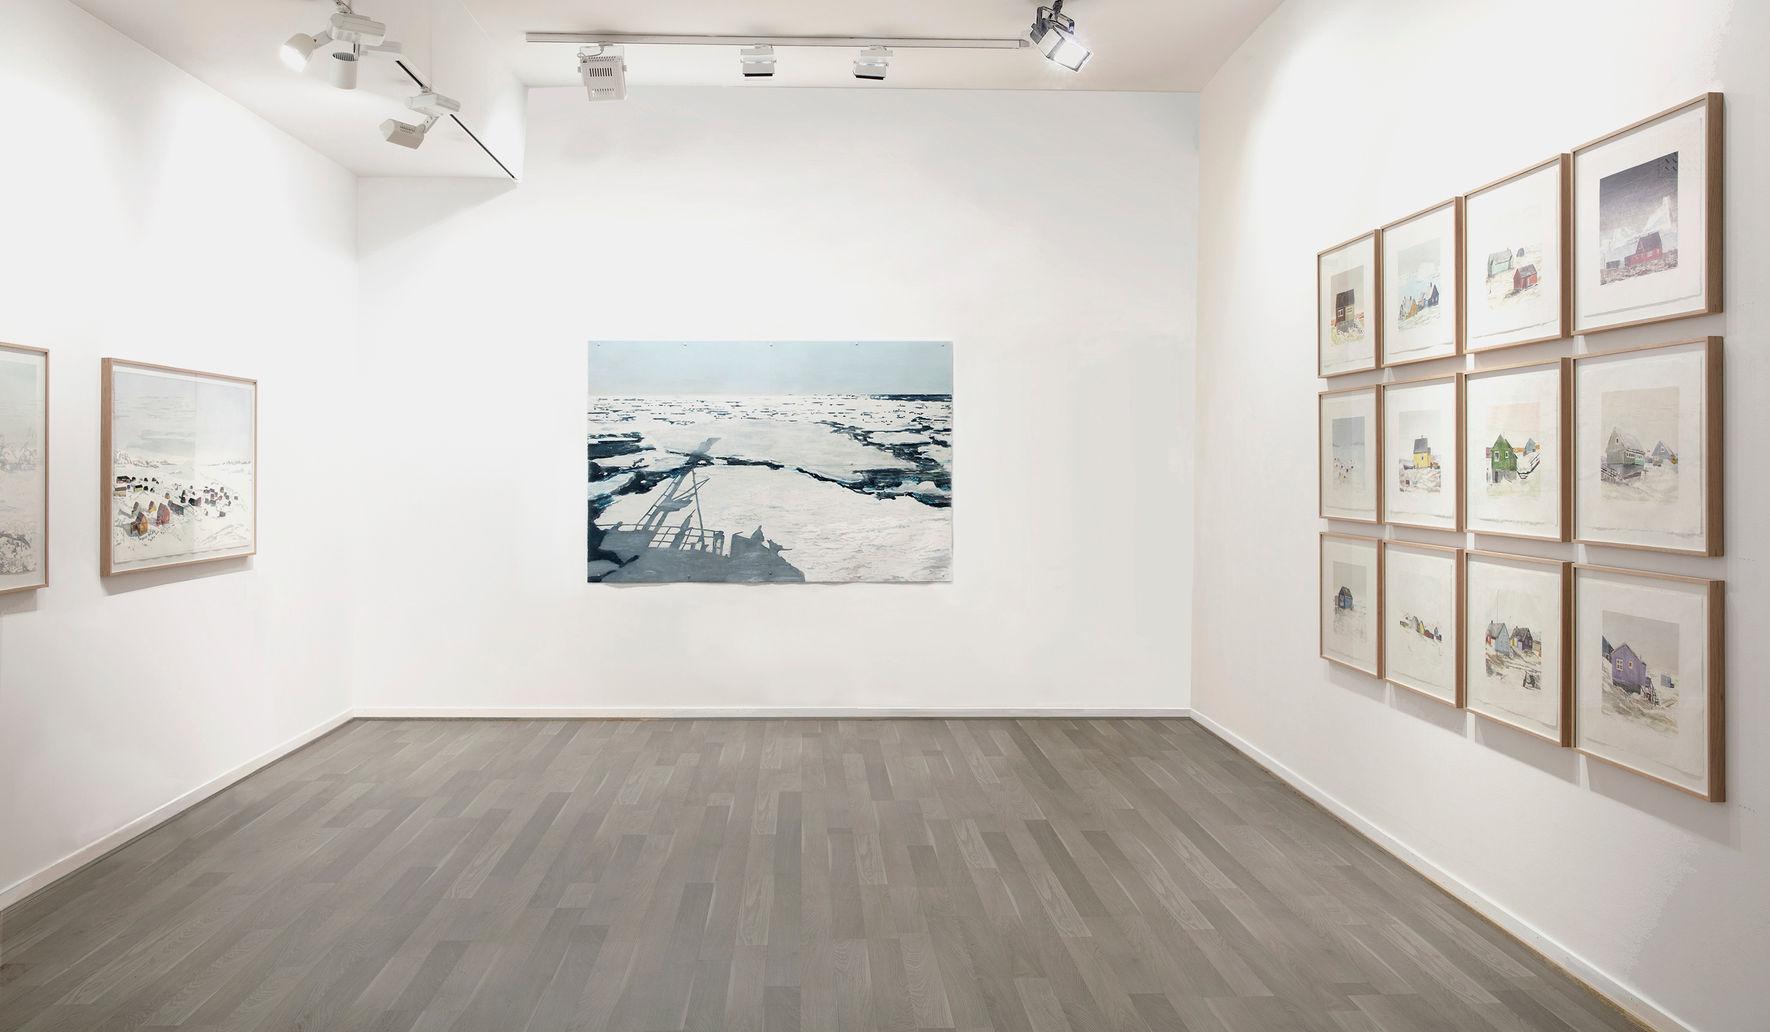 Kunstverket Galleri, Oslo 2018